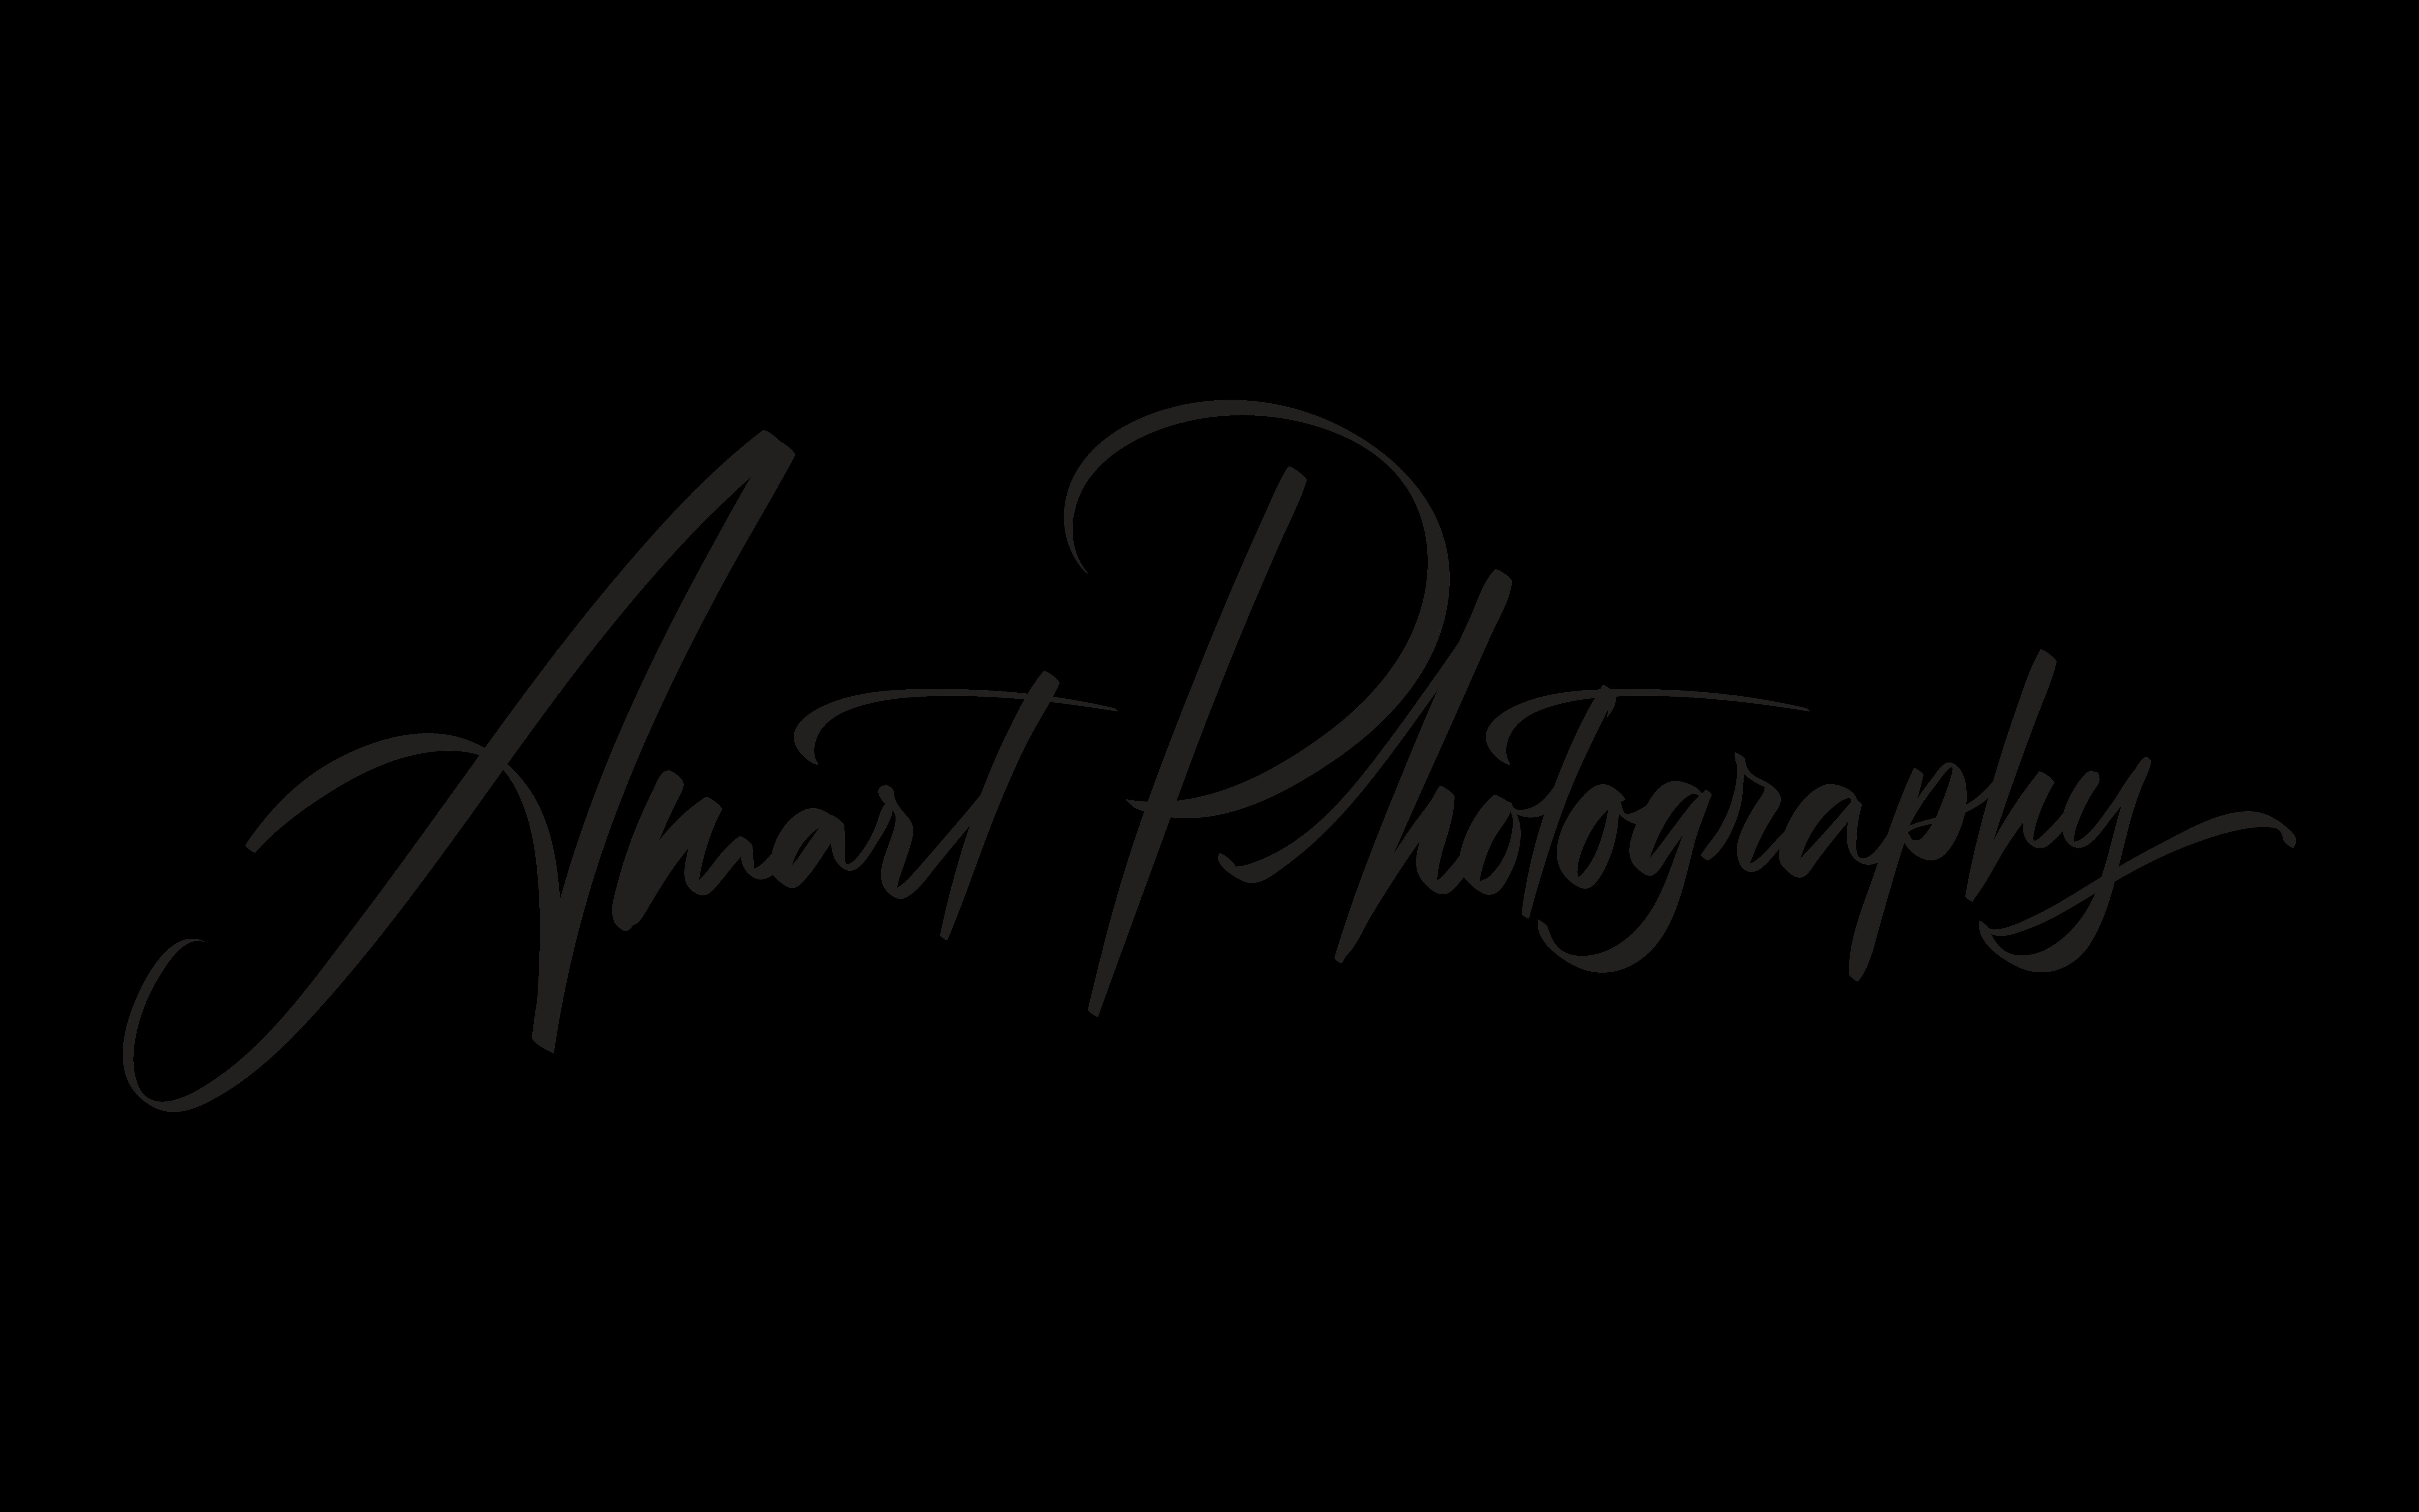 Amart Photography